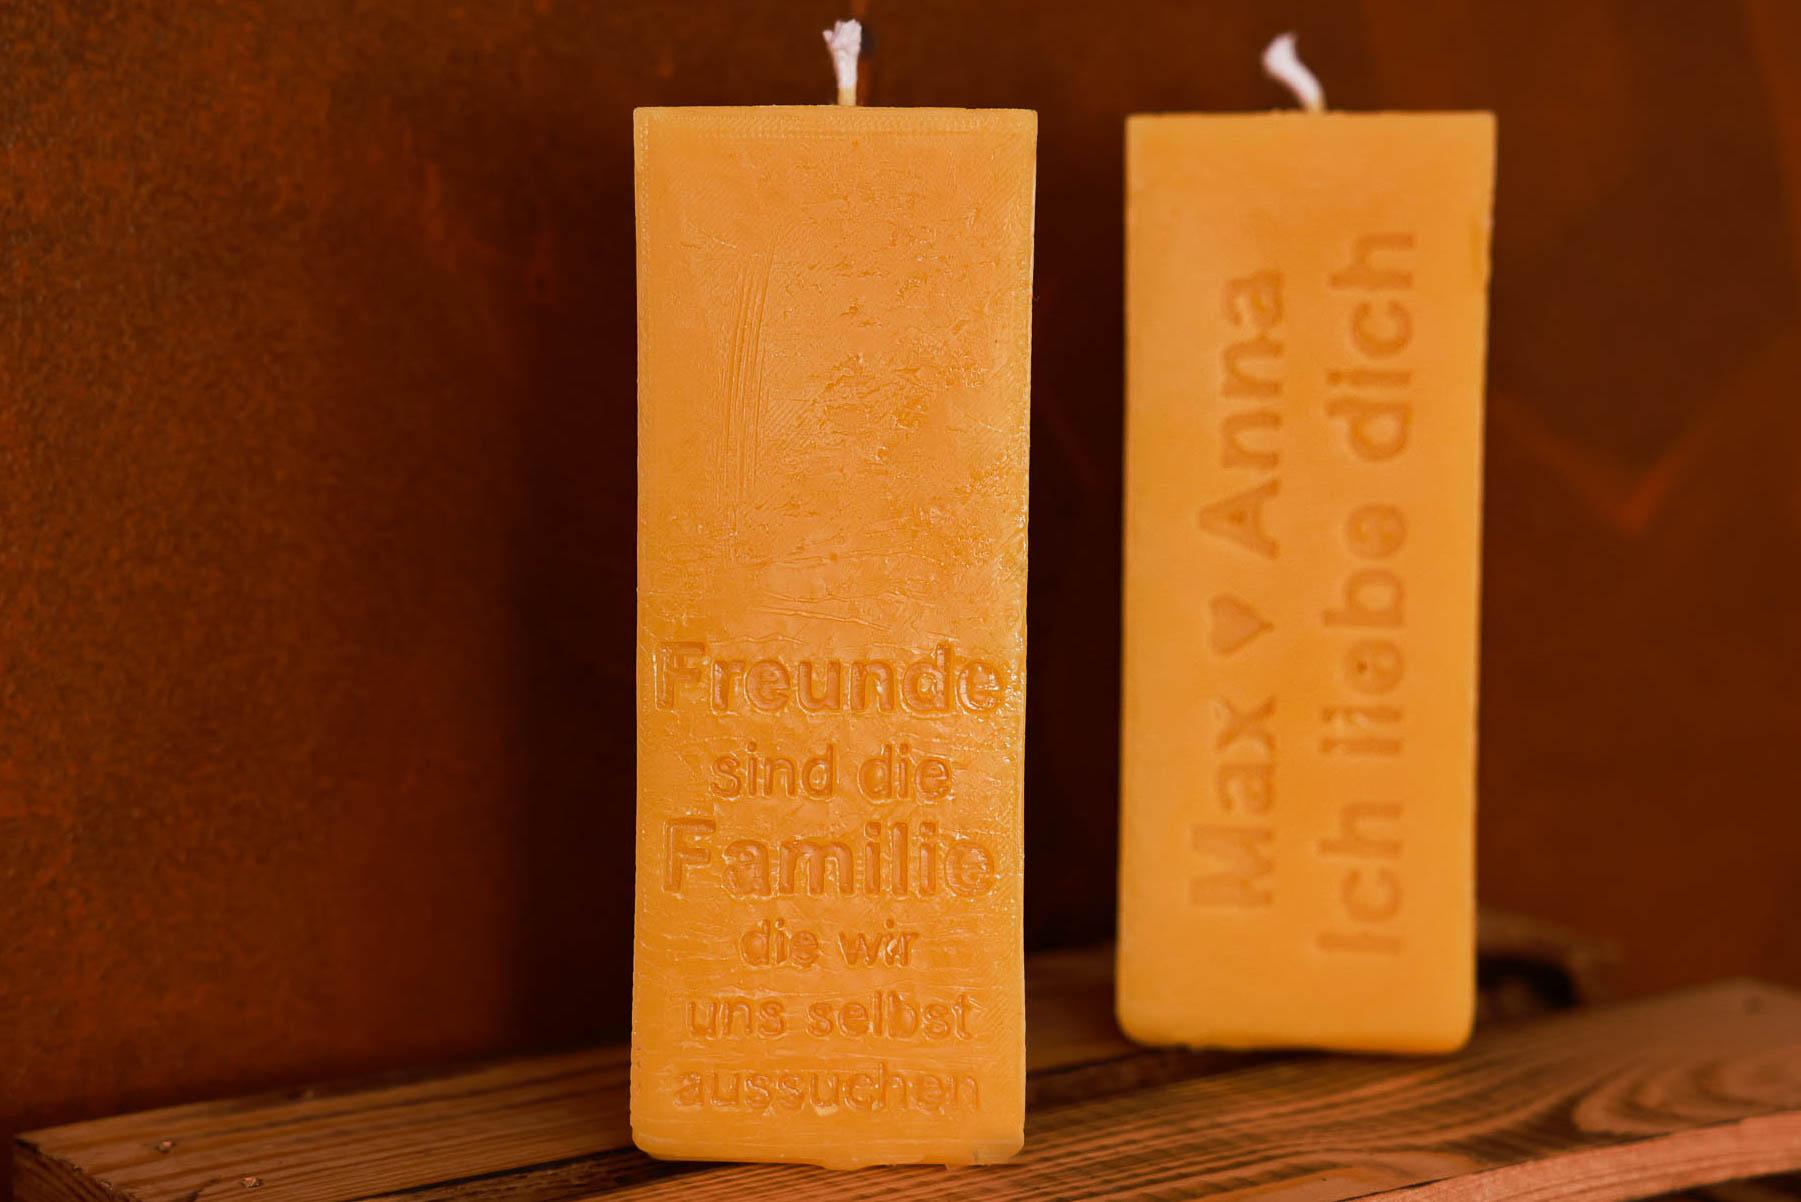 Freunde sind Familie Kerze (ca. 15cm x 5,5cm) aus 100% Bienenwachs vom Imker